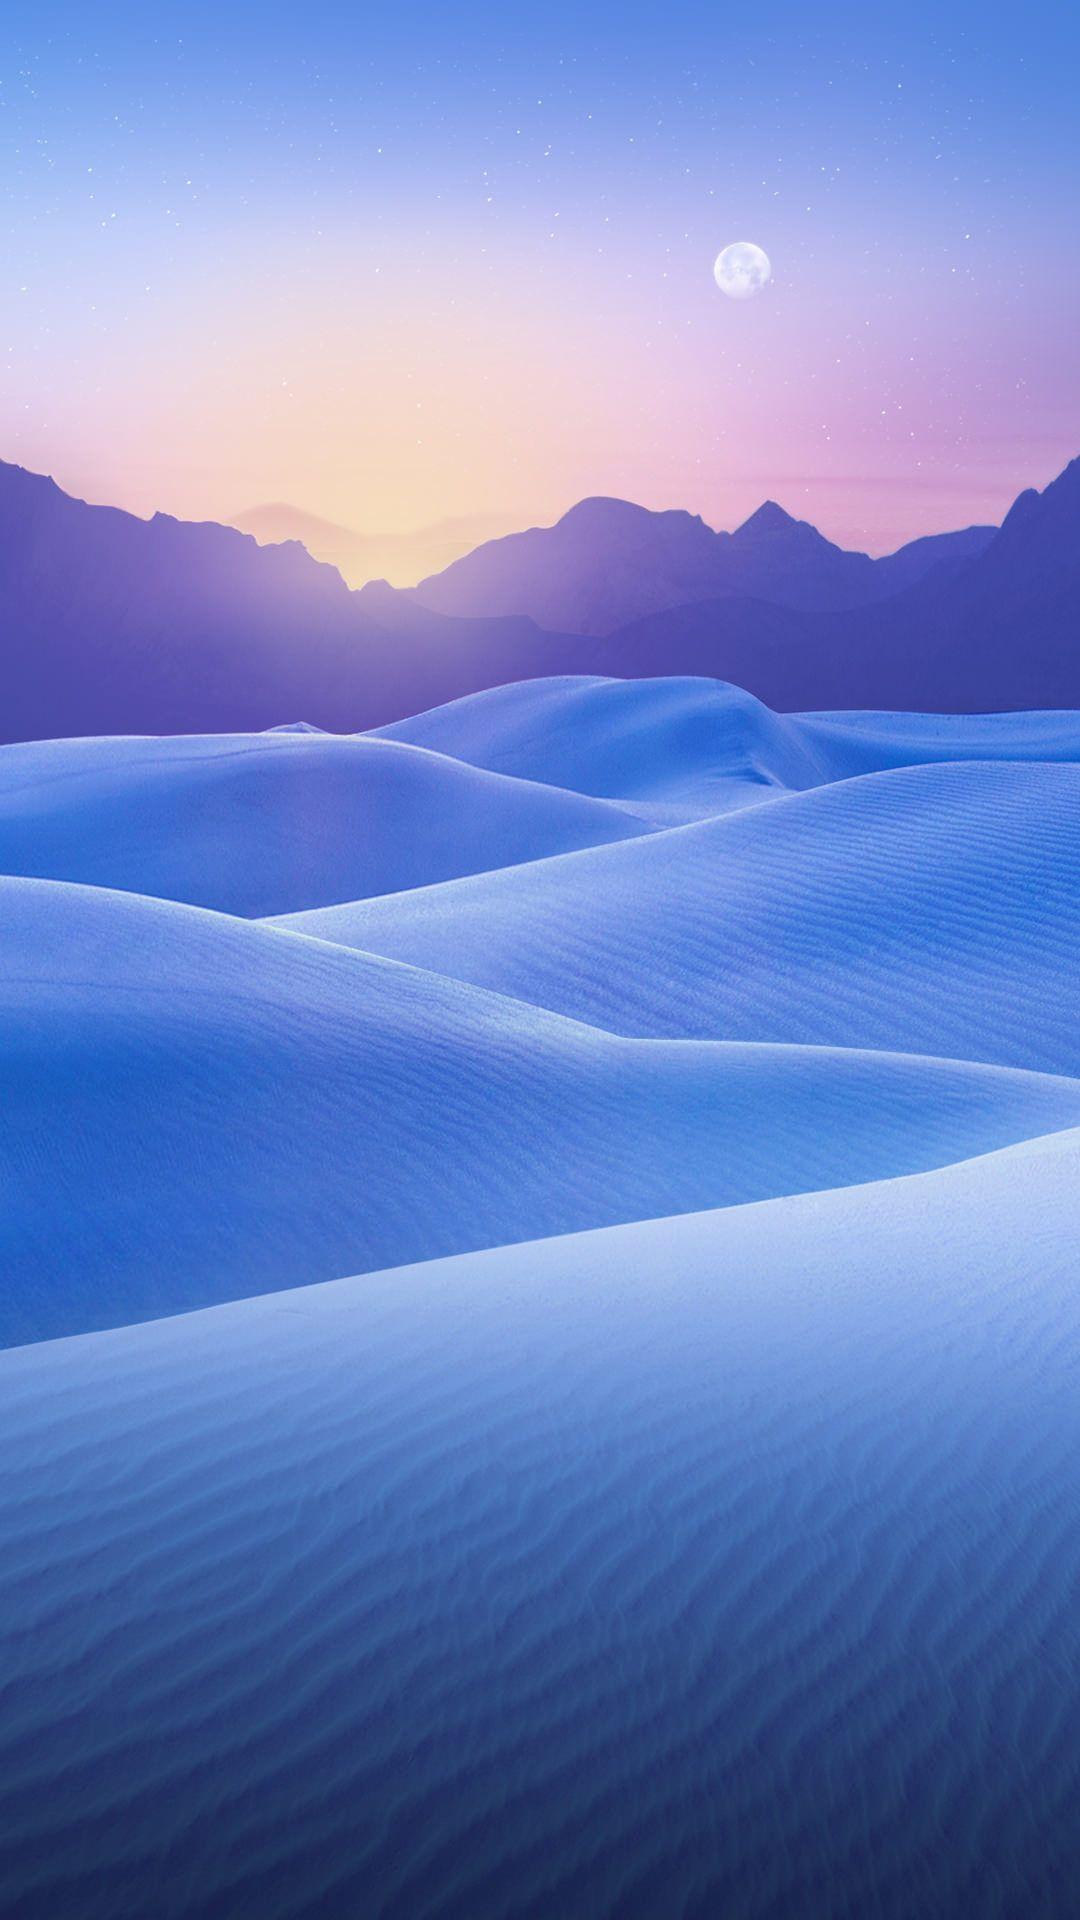 雪原と月 iPhone6 Plus壁紙 美しい風景写真, 風景写真, 風景